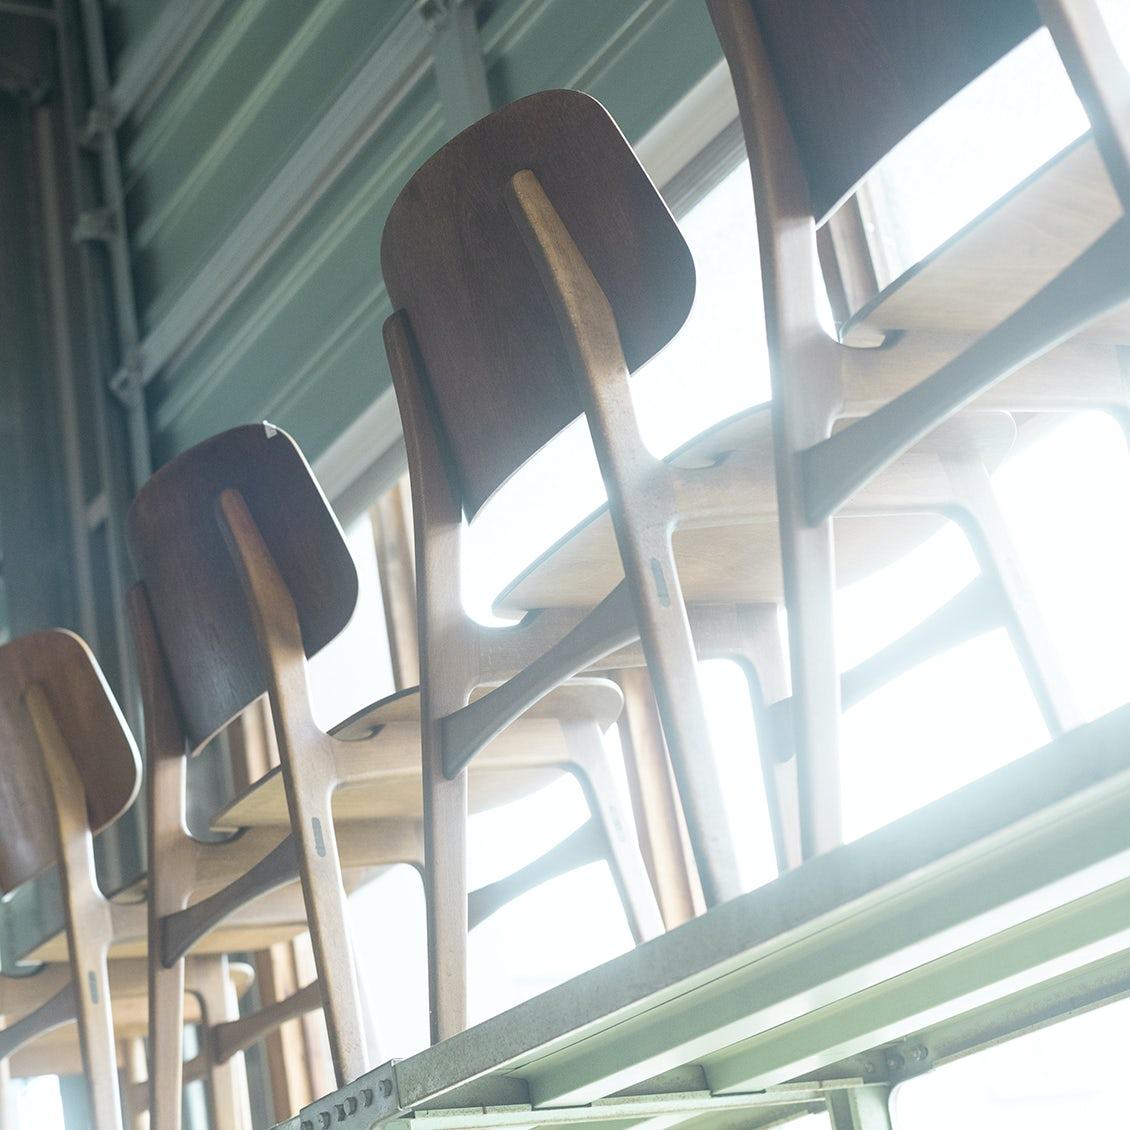 【とっておきの椅子選び】第2話:やっぱり大事なのは座りやすいこと。自分に合った選び方とは(北欧家具talo)